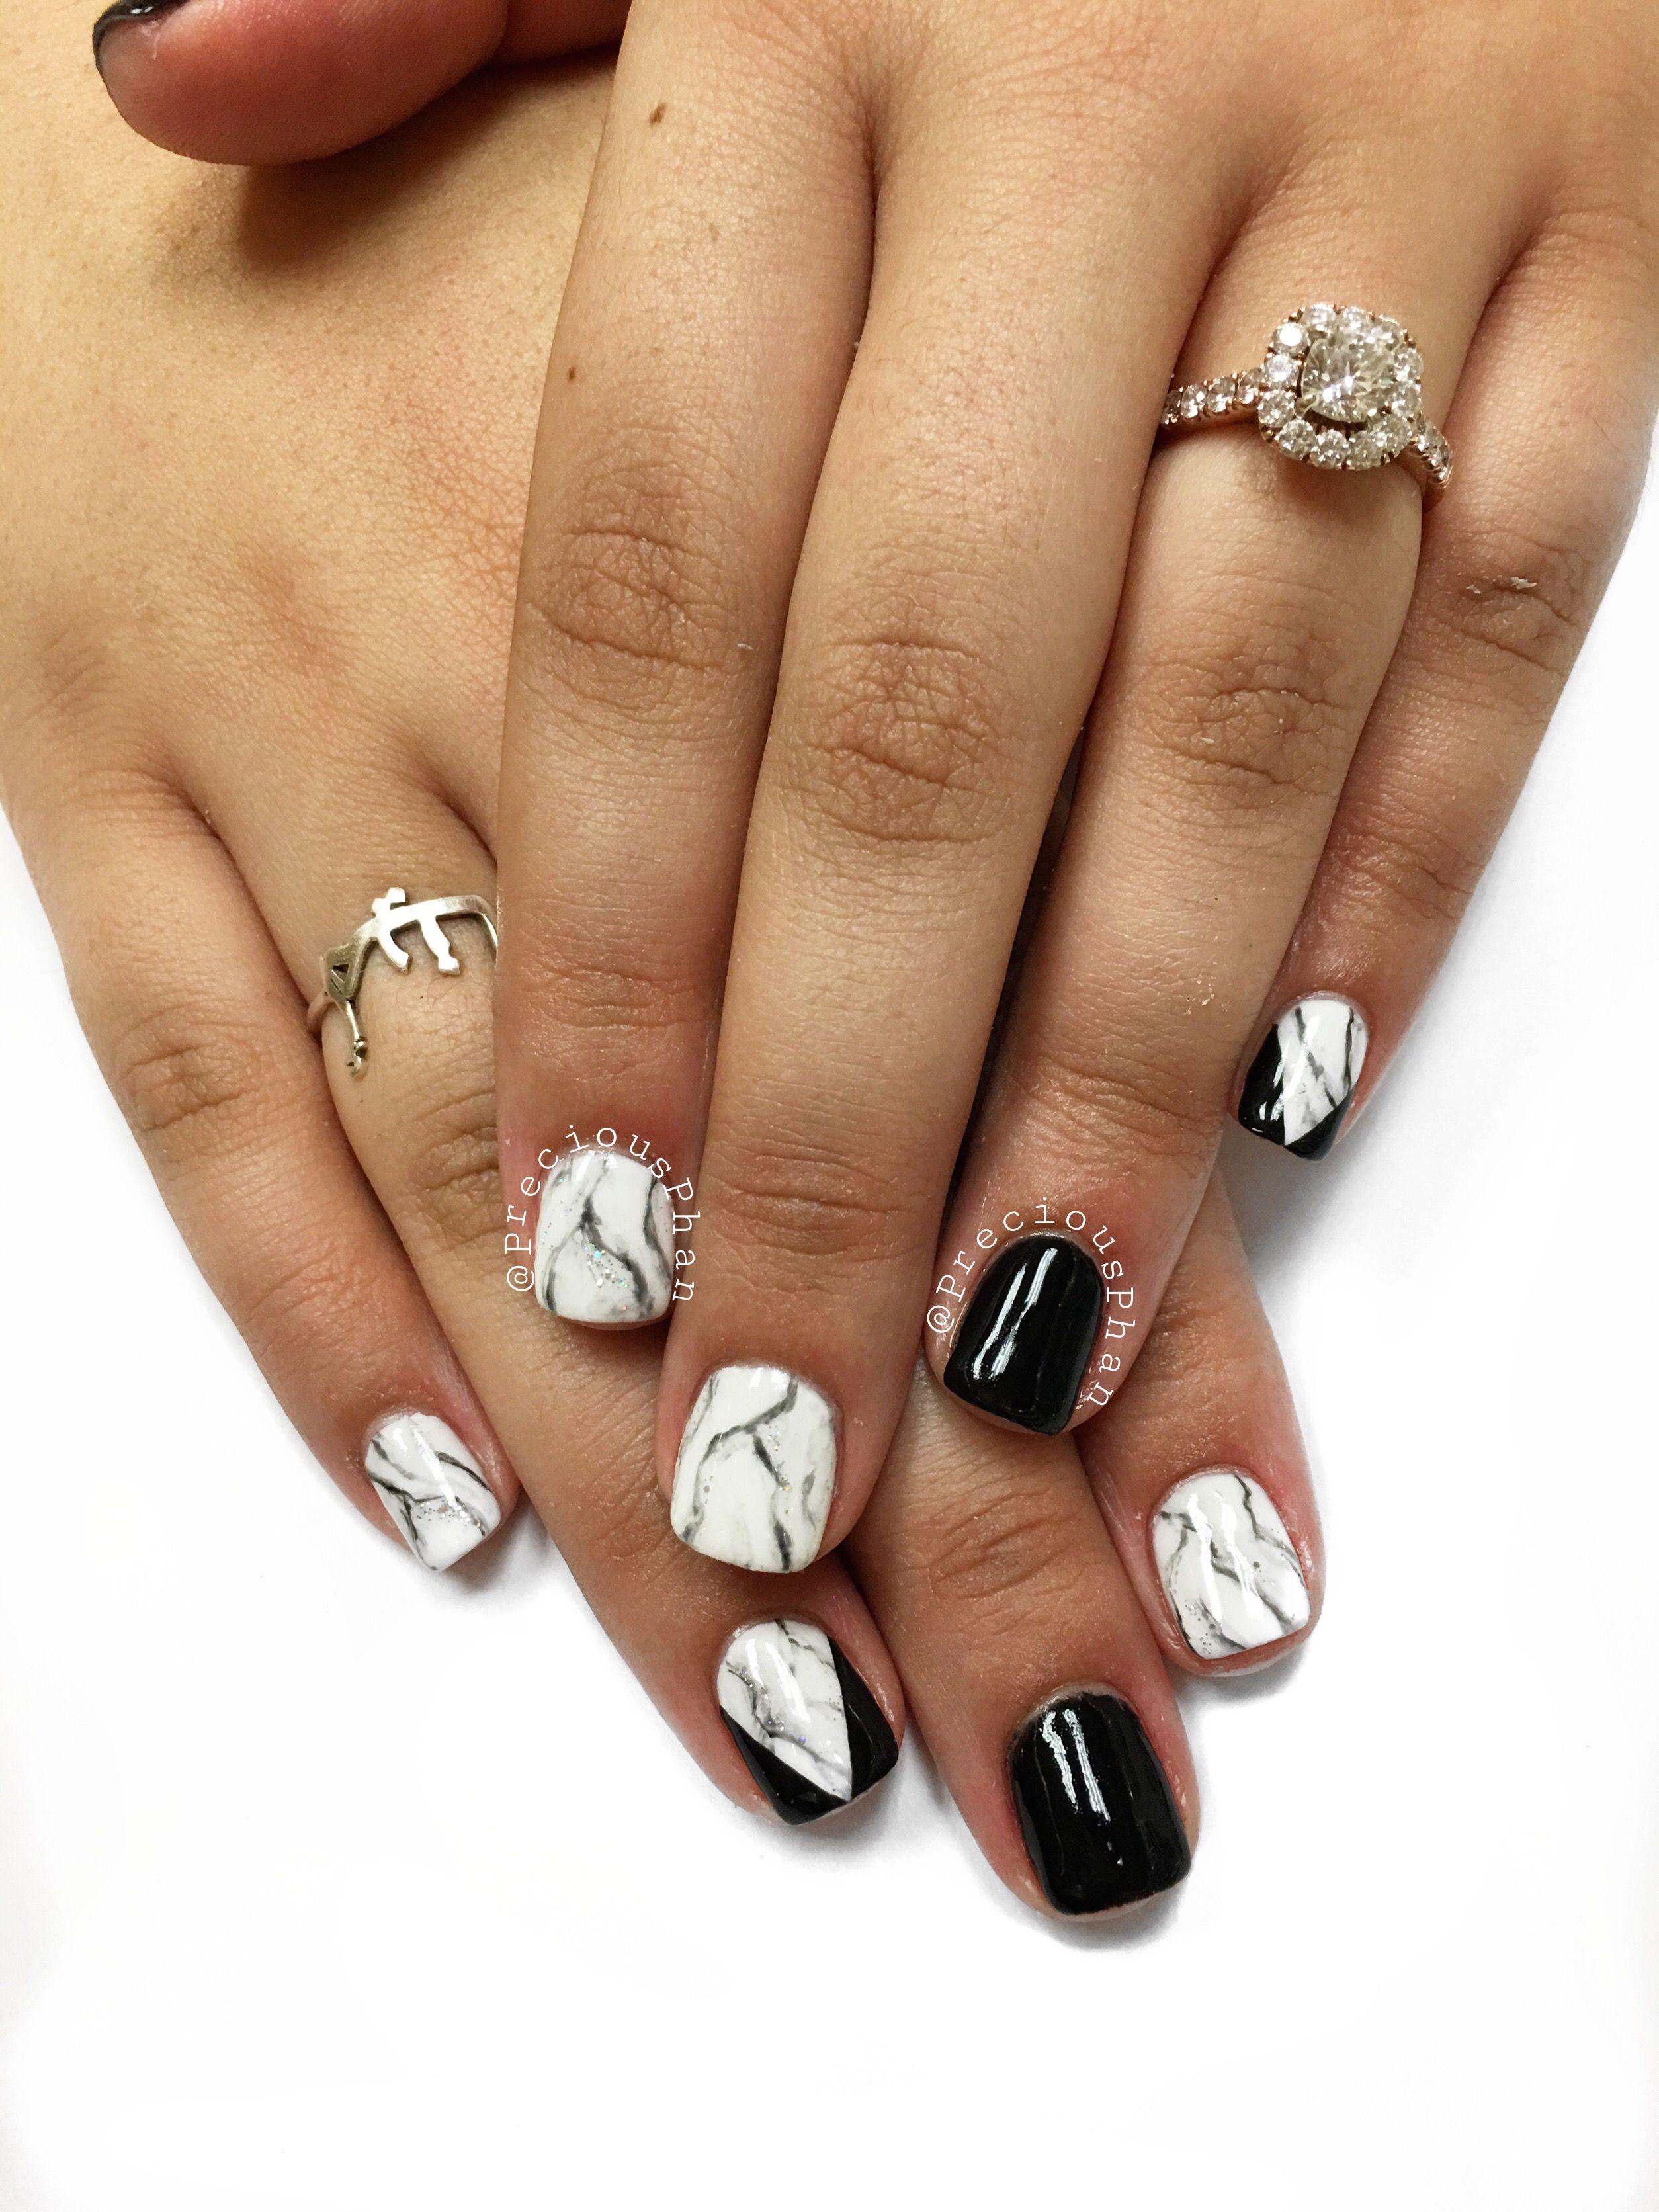 Marble nails. White and black nails. Chevron nails. #PreciousPhan ...